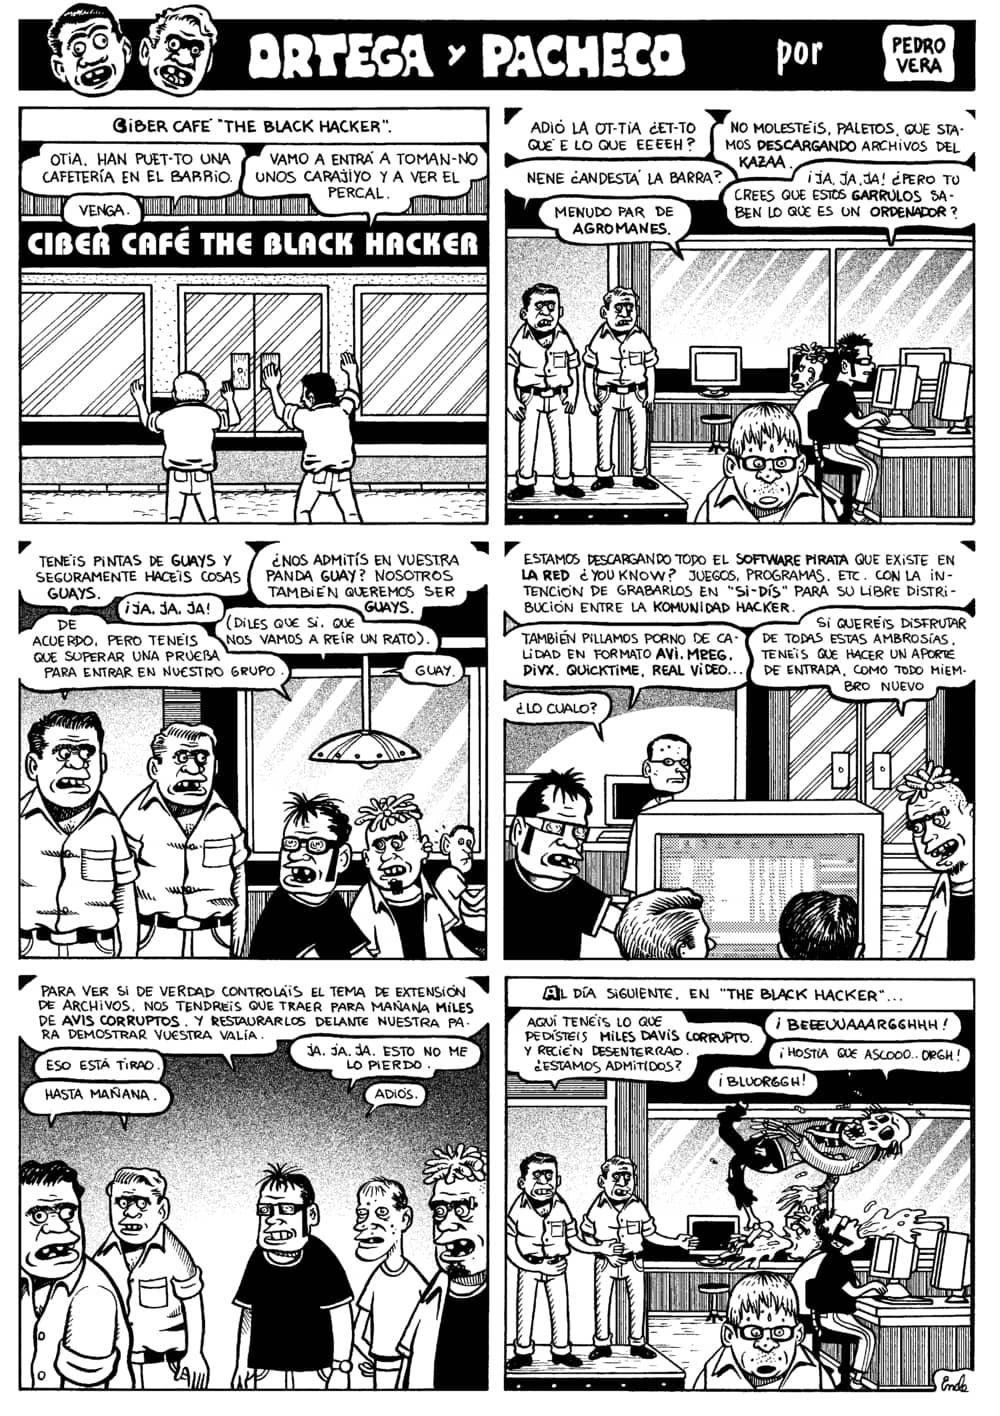 Historieta en que Ortega y Pacheco intentan congeniar con un grupo de 'nerds'